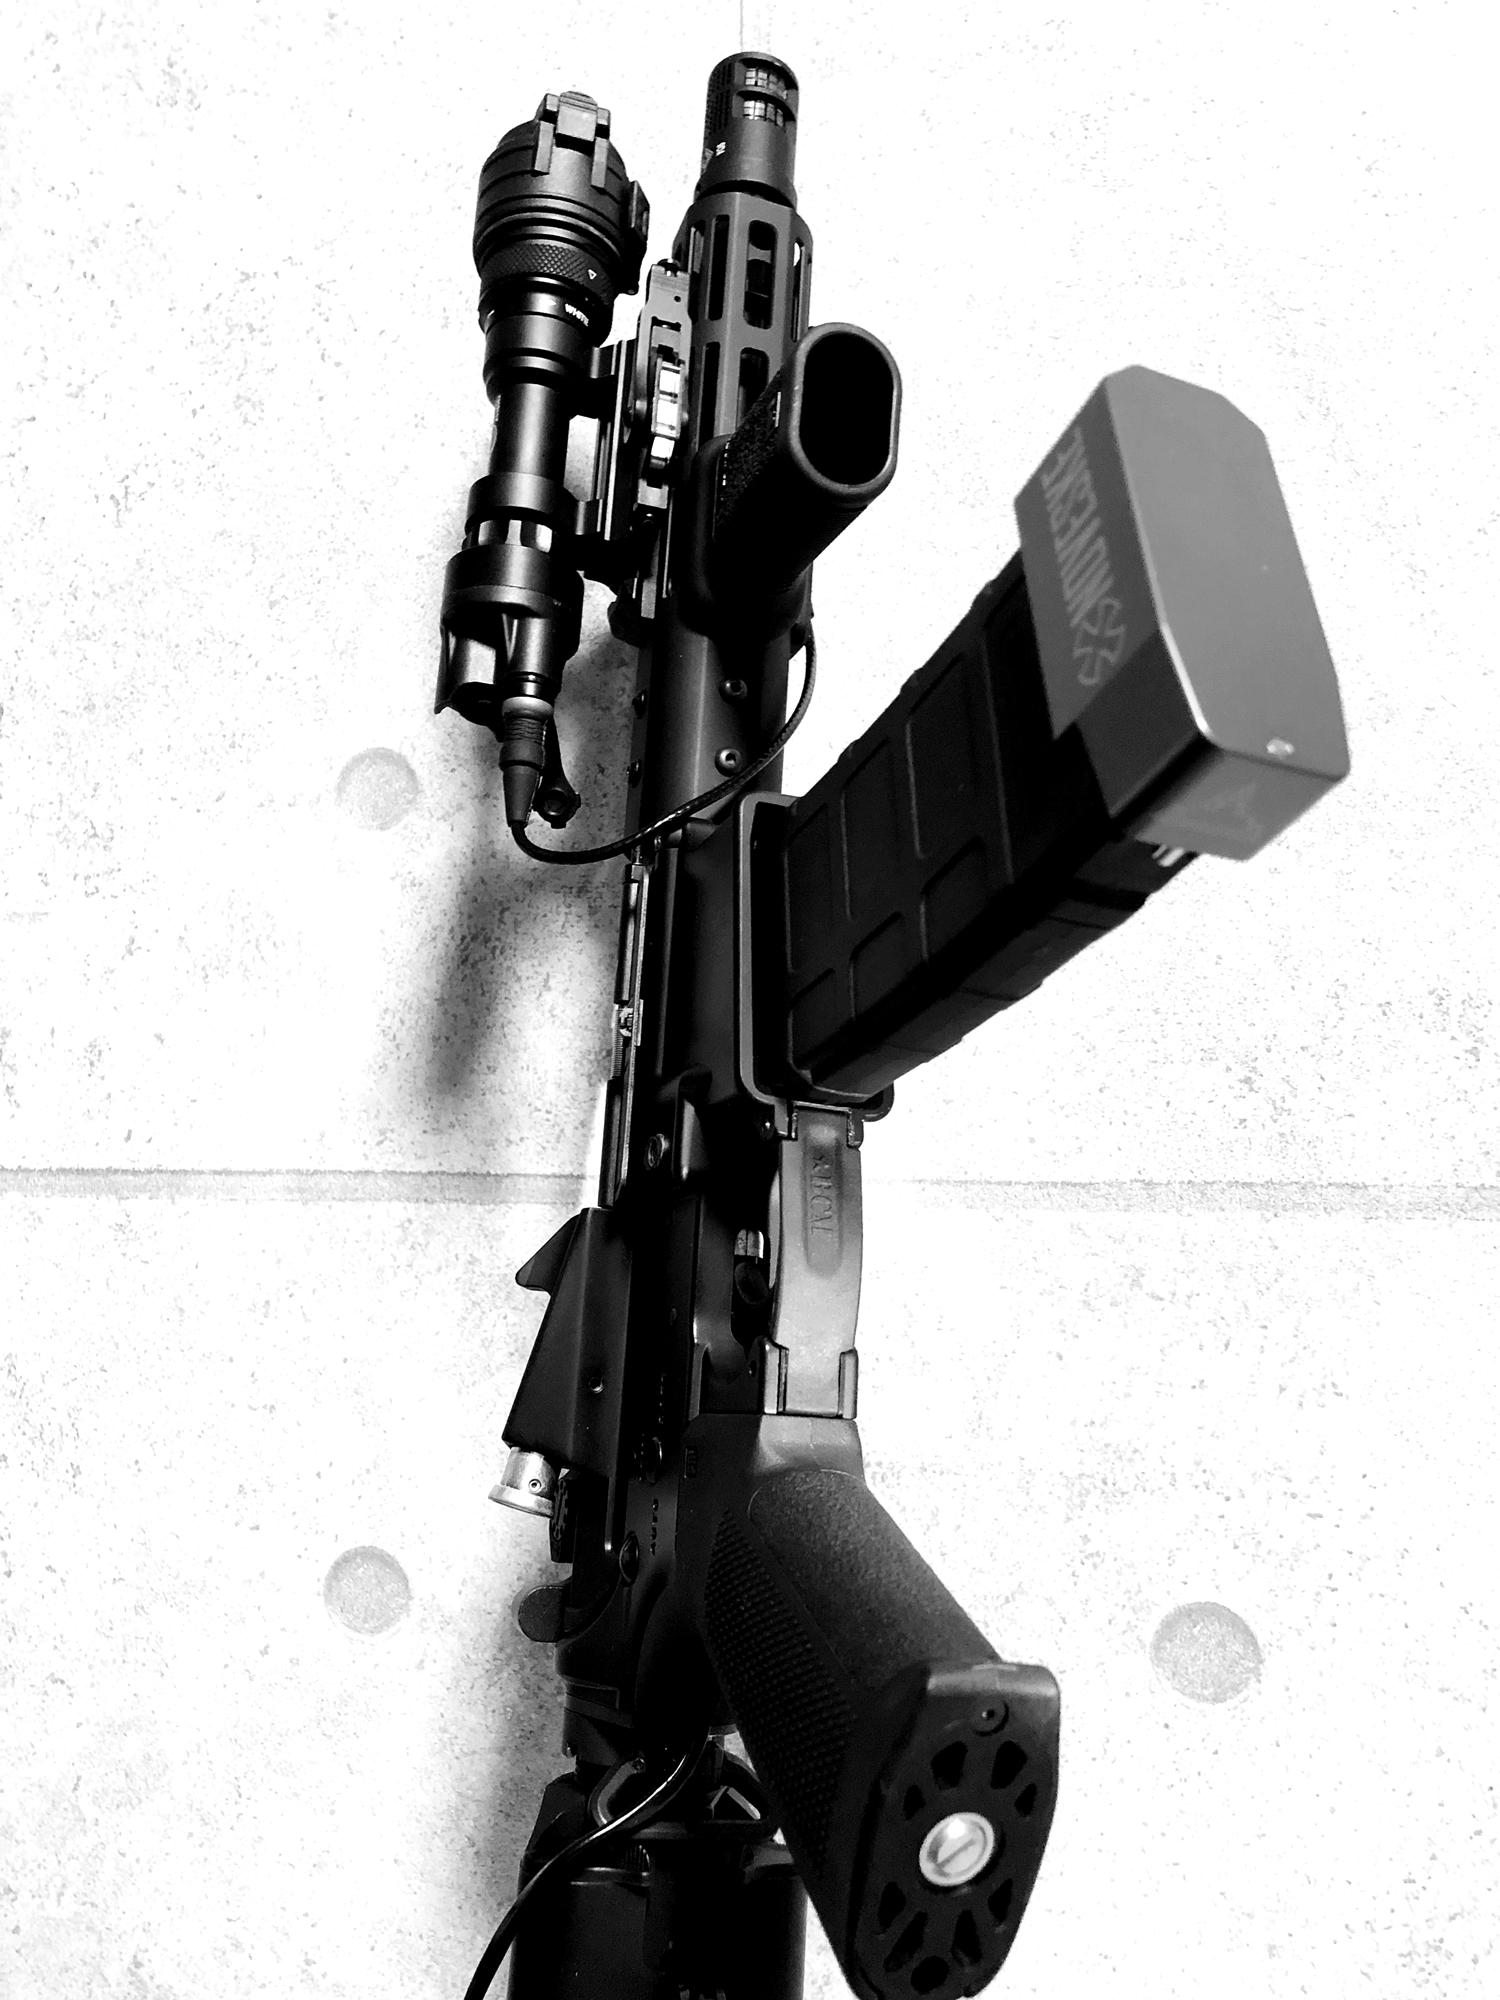 20 実物 BCM GUNFIGHTER TRIGGR GUARD MOD 0 ガンファイタートリガーガード 次世代電動ガンに実物トリガーガードを取付けてやる!! 開封 3Dプリント DIY 加工 交換 取付 正規品 新品 カスタム レビュー